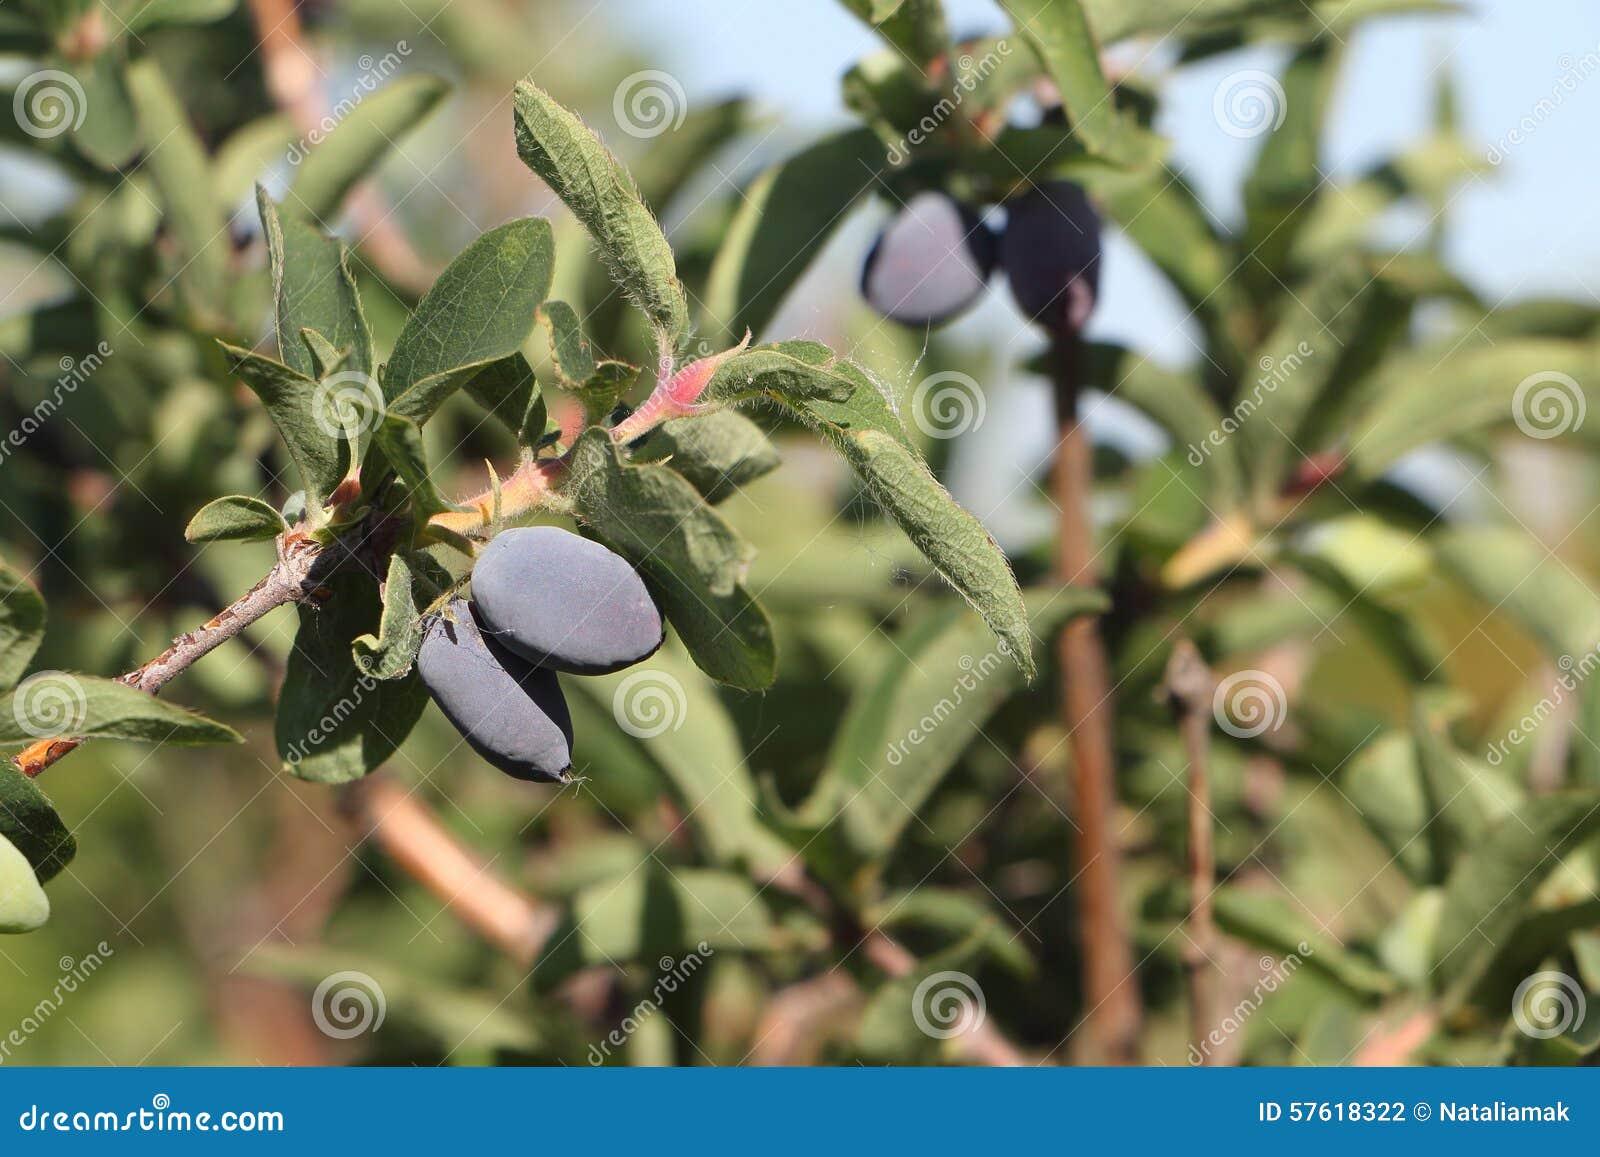 Bagas da madressilva em um ramo